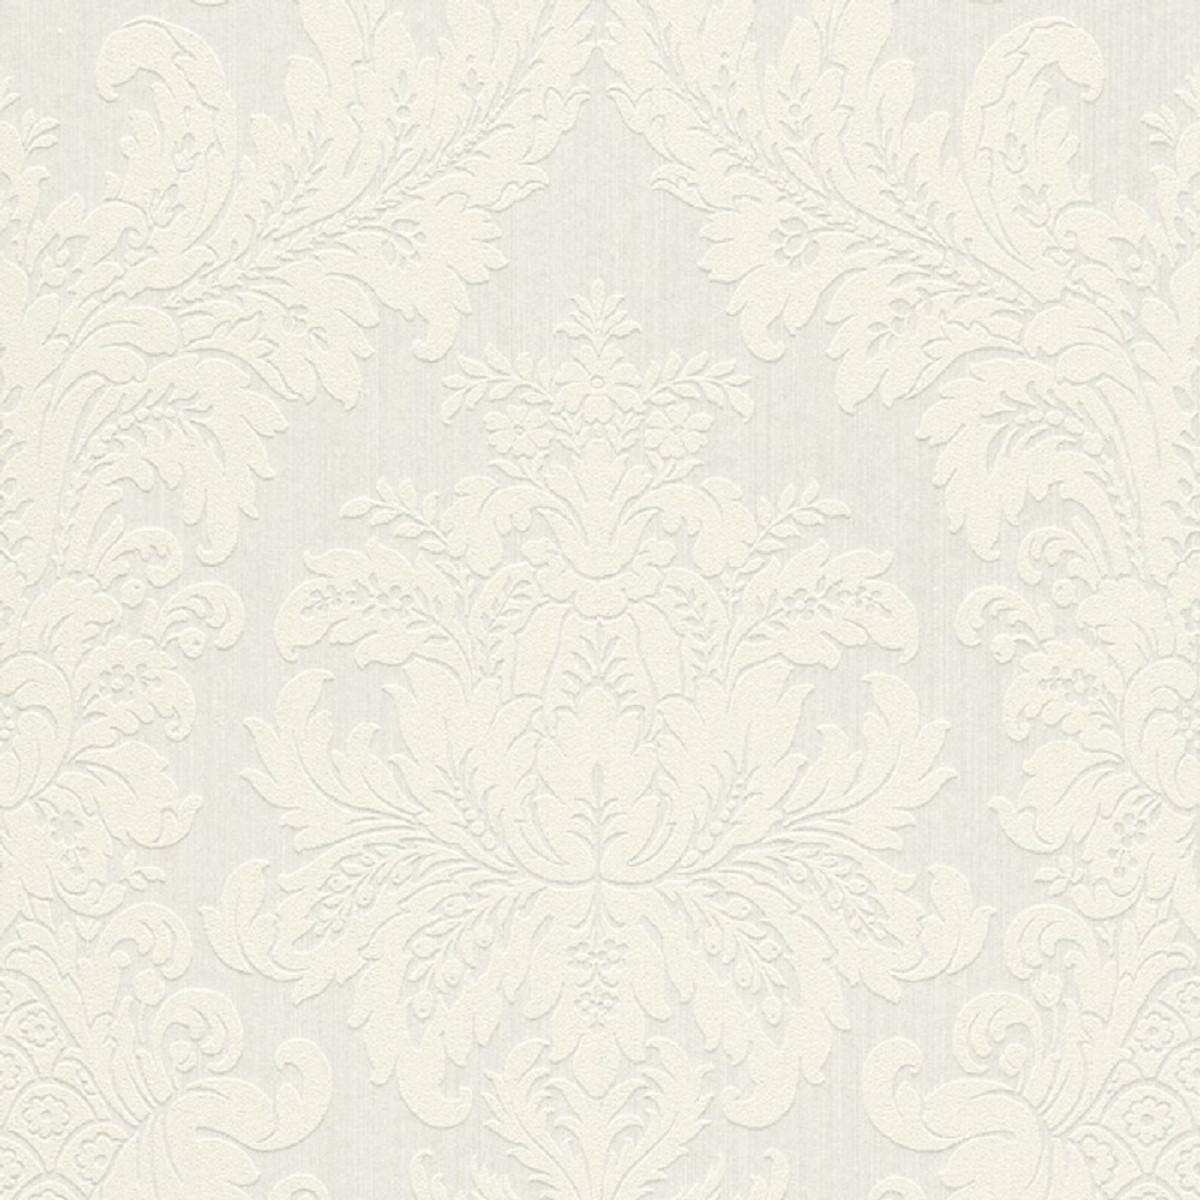 Carta da parati elegante soggiorno di lusso contemporaneo con camino bianco ✓ installazione semplice ✓ 365 giorni per il reso ✓ guarda. Casa Padrino Carta Da Parati Tessile Barocco Bianco 10 05 X 0 53 M Carta Da Parati Di Lusso Per Soggiorno Casa Padrino De